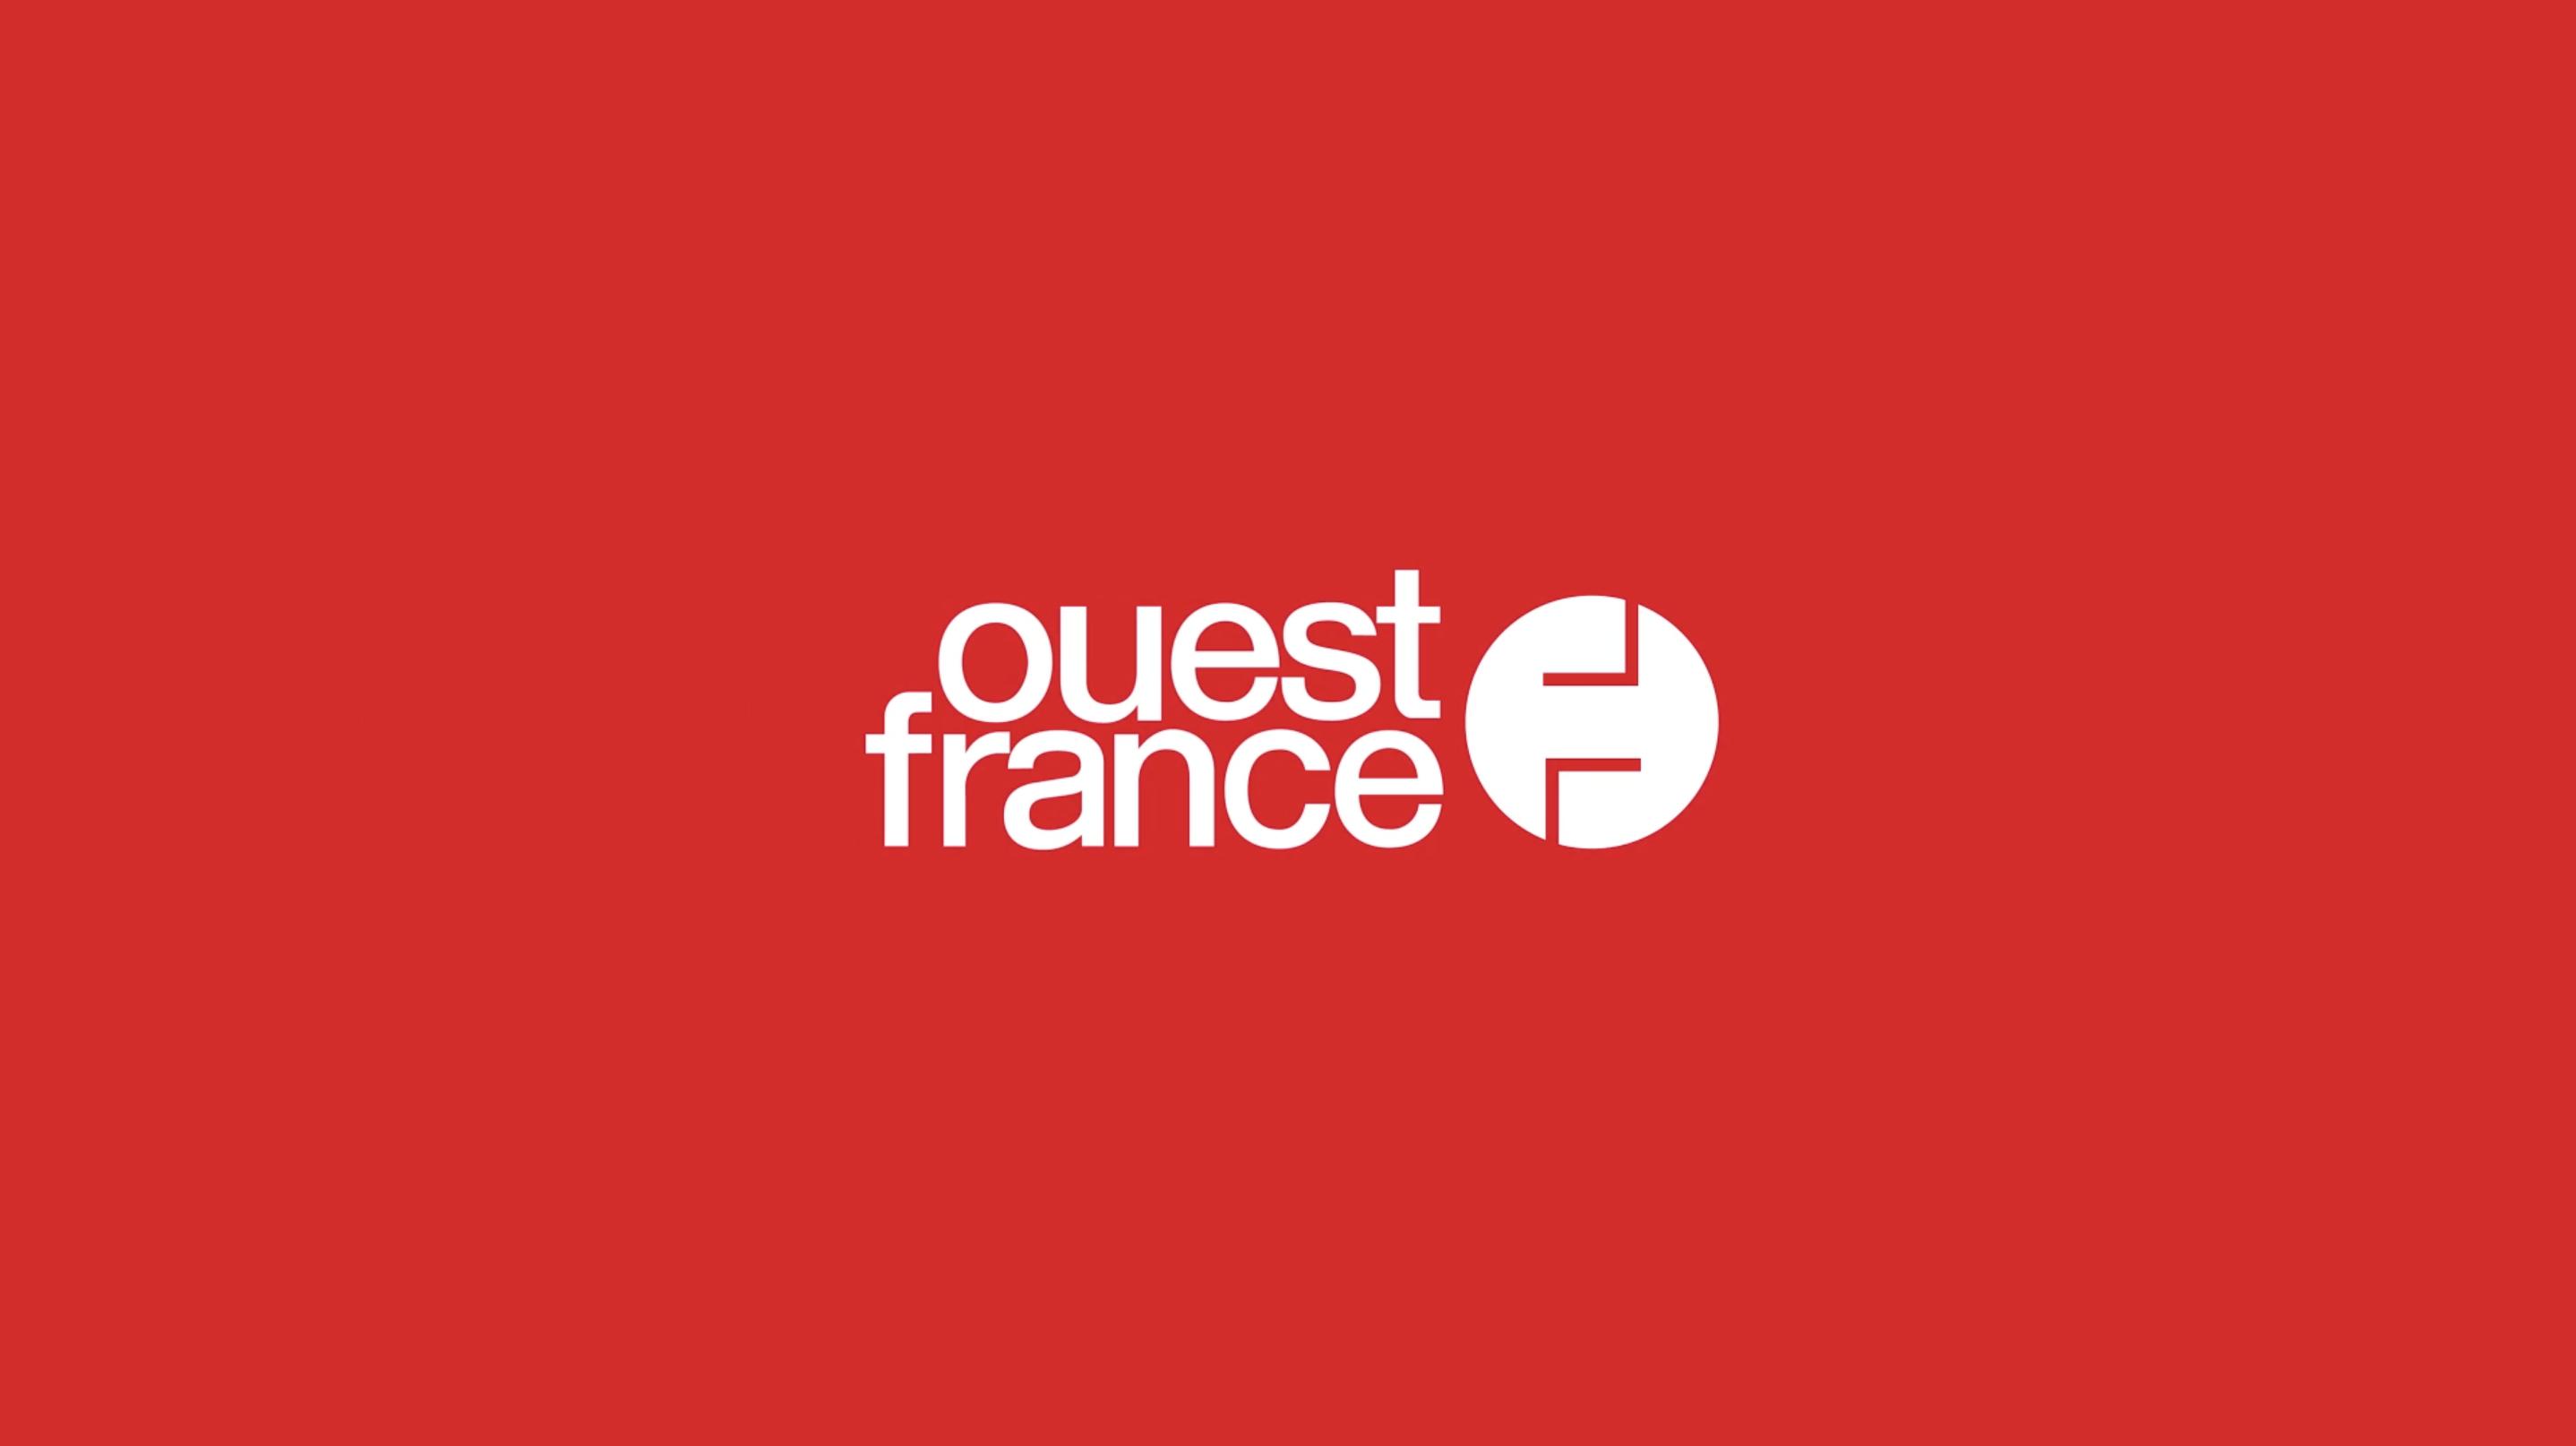 Ouest-France – Rebranding vidéo